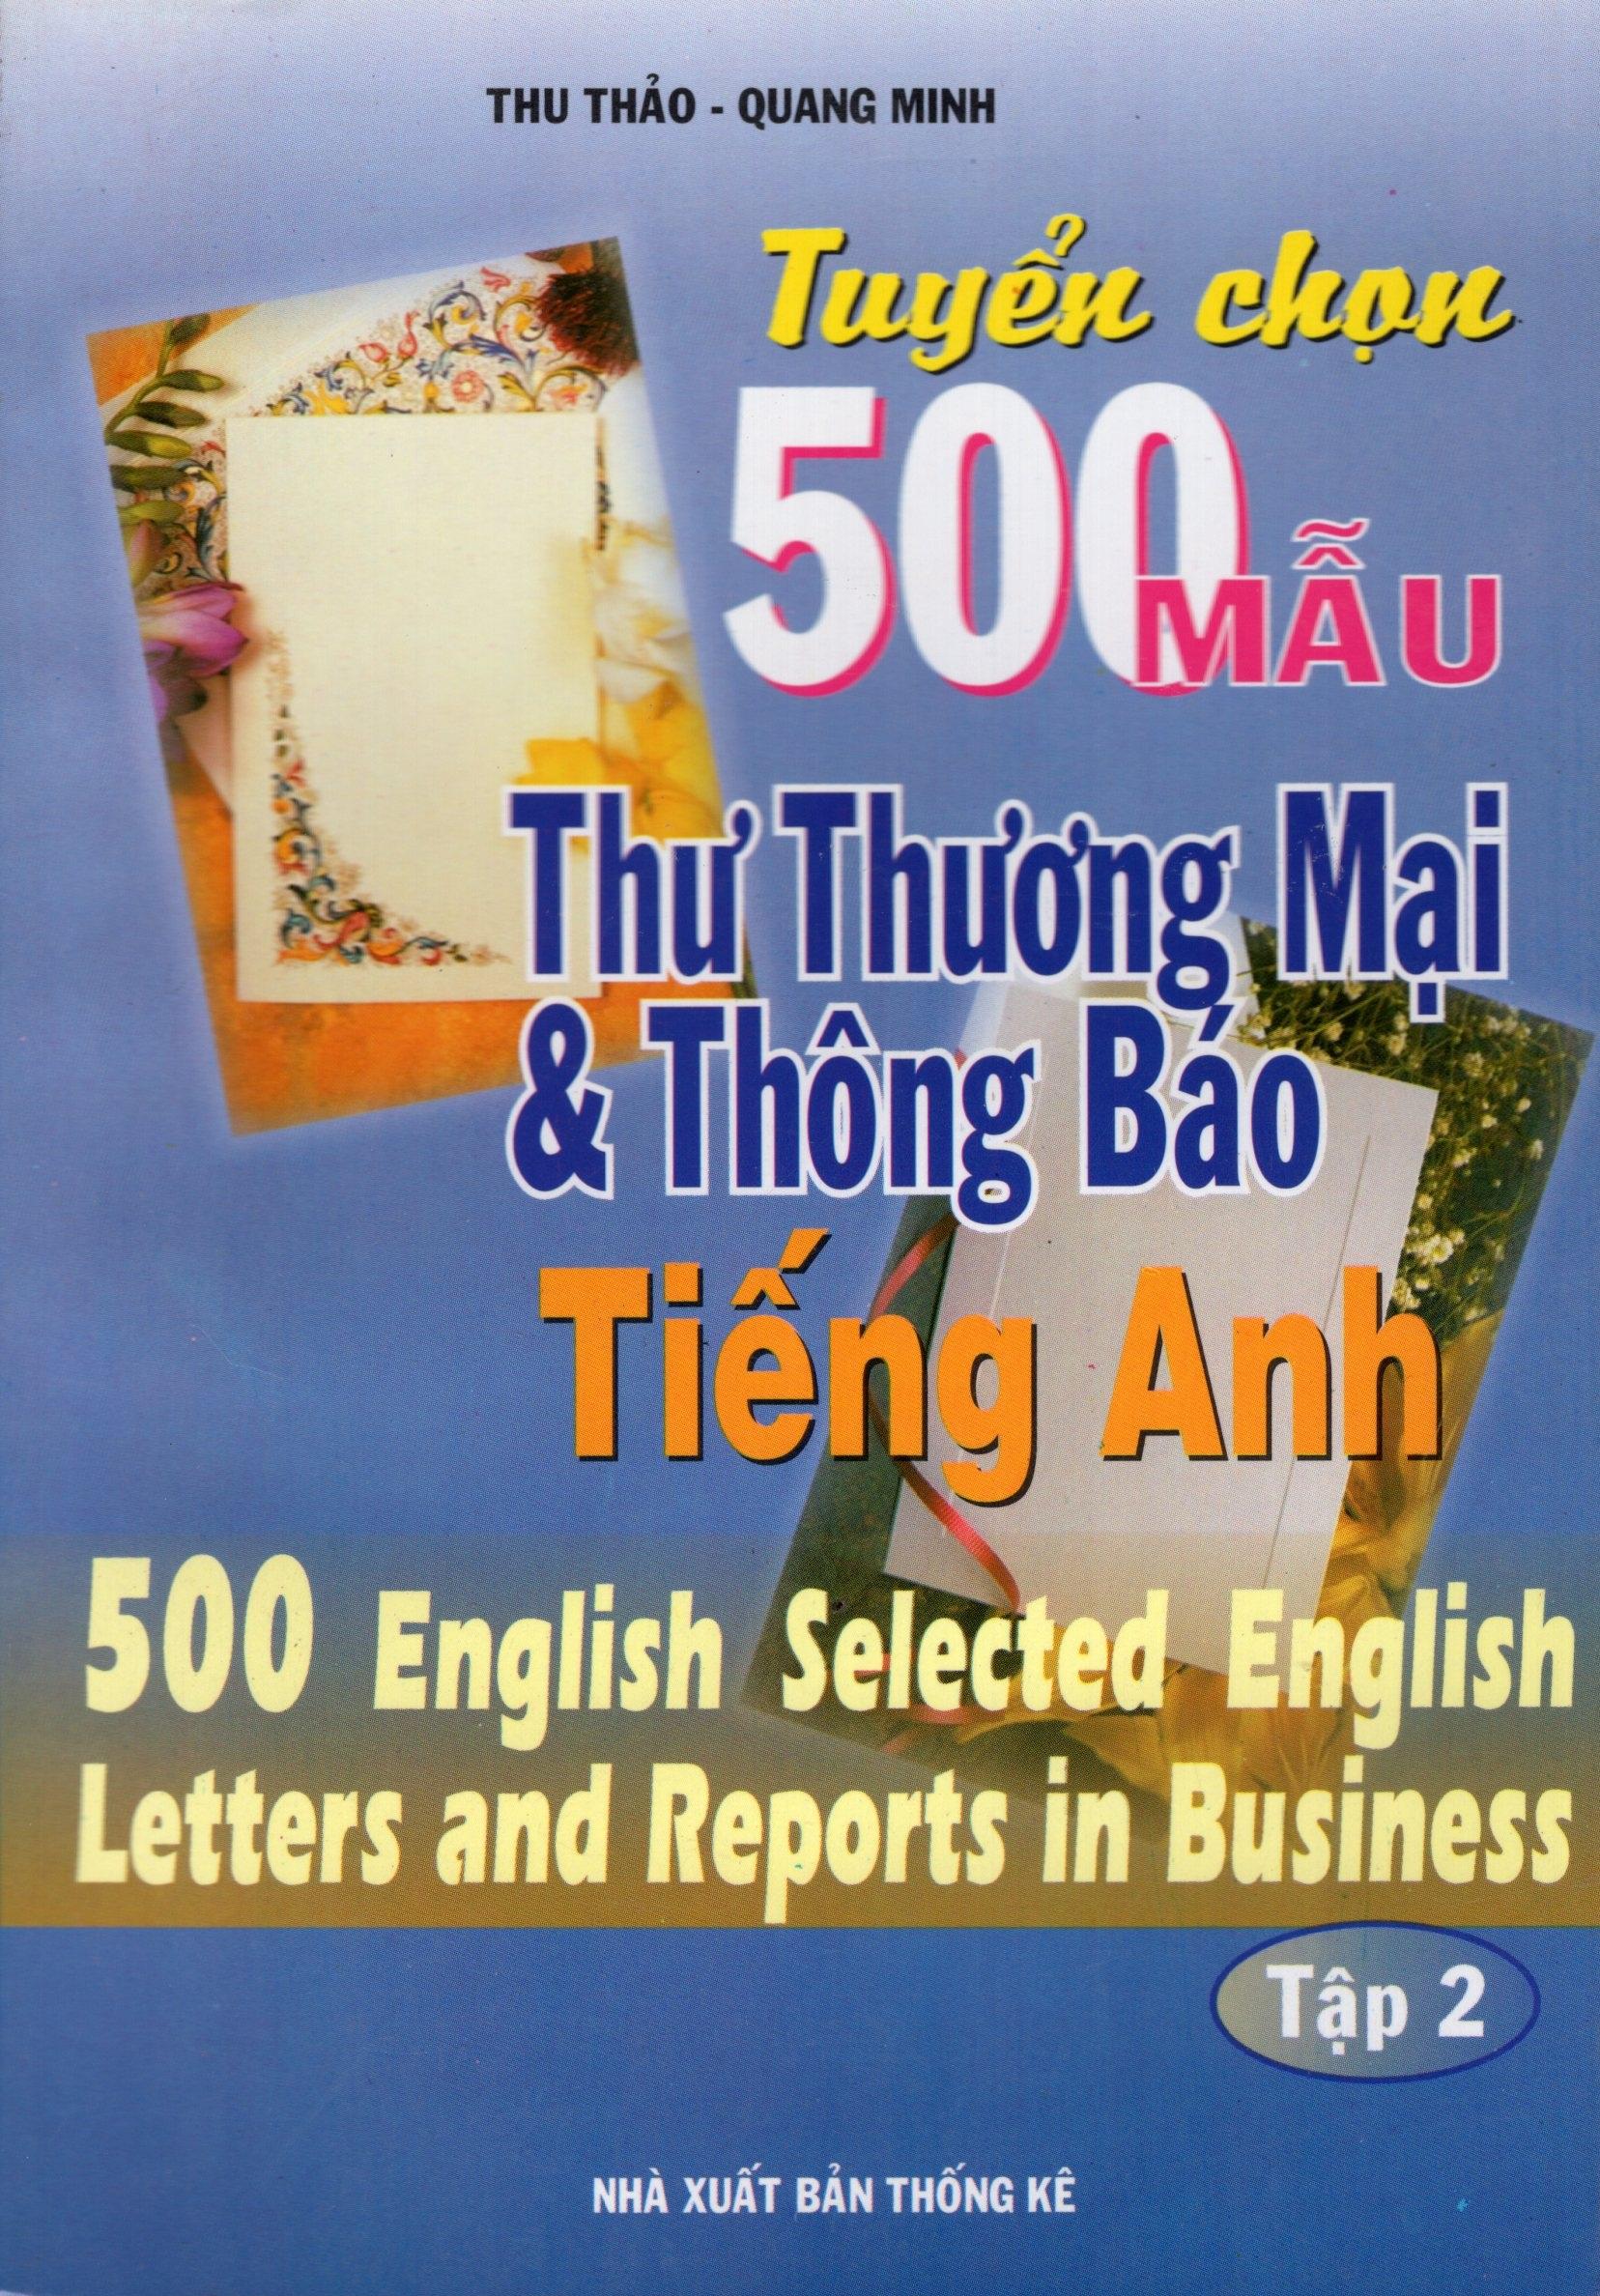 Tuyển Chọn 500 Mẫu Thư Thương Mại  Thông Báo Tiếng Anh (Tập 2)